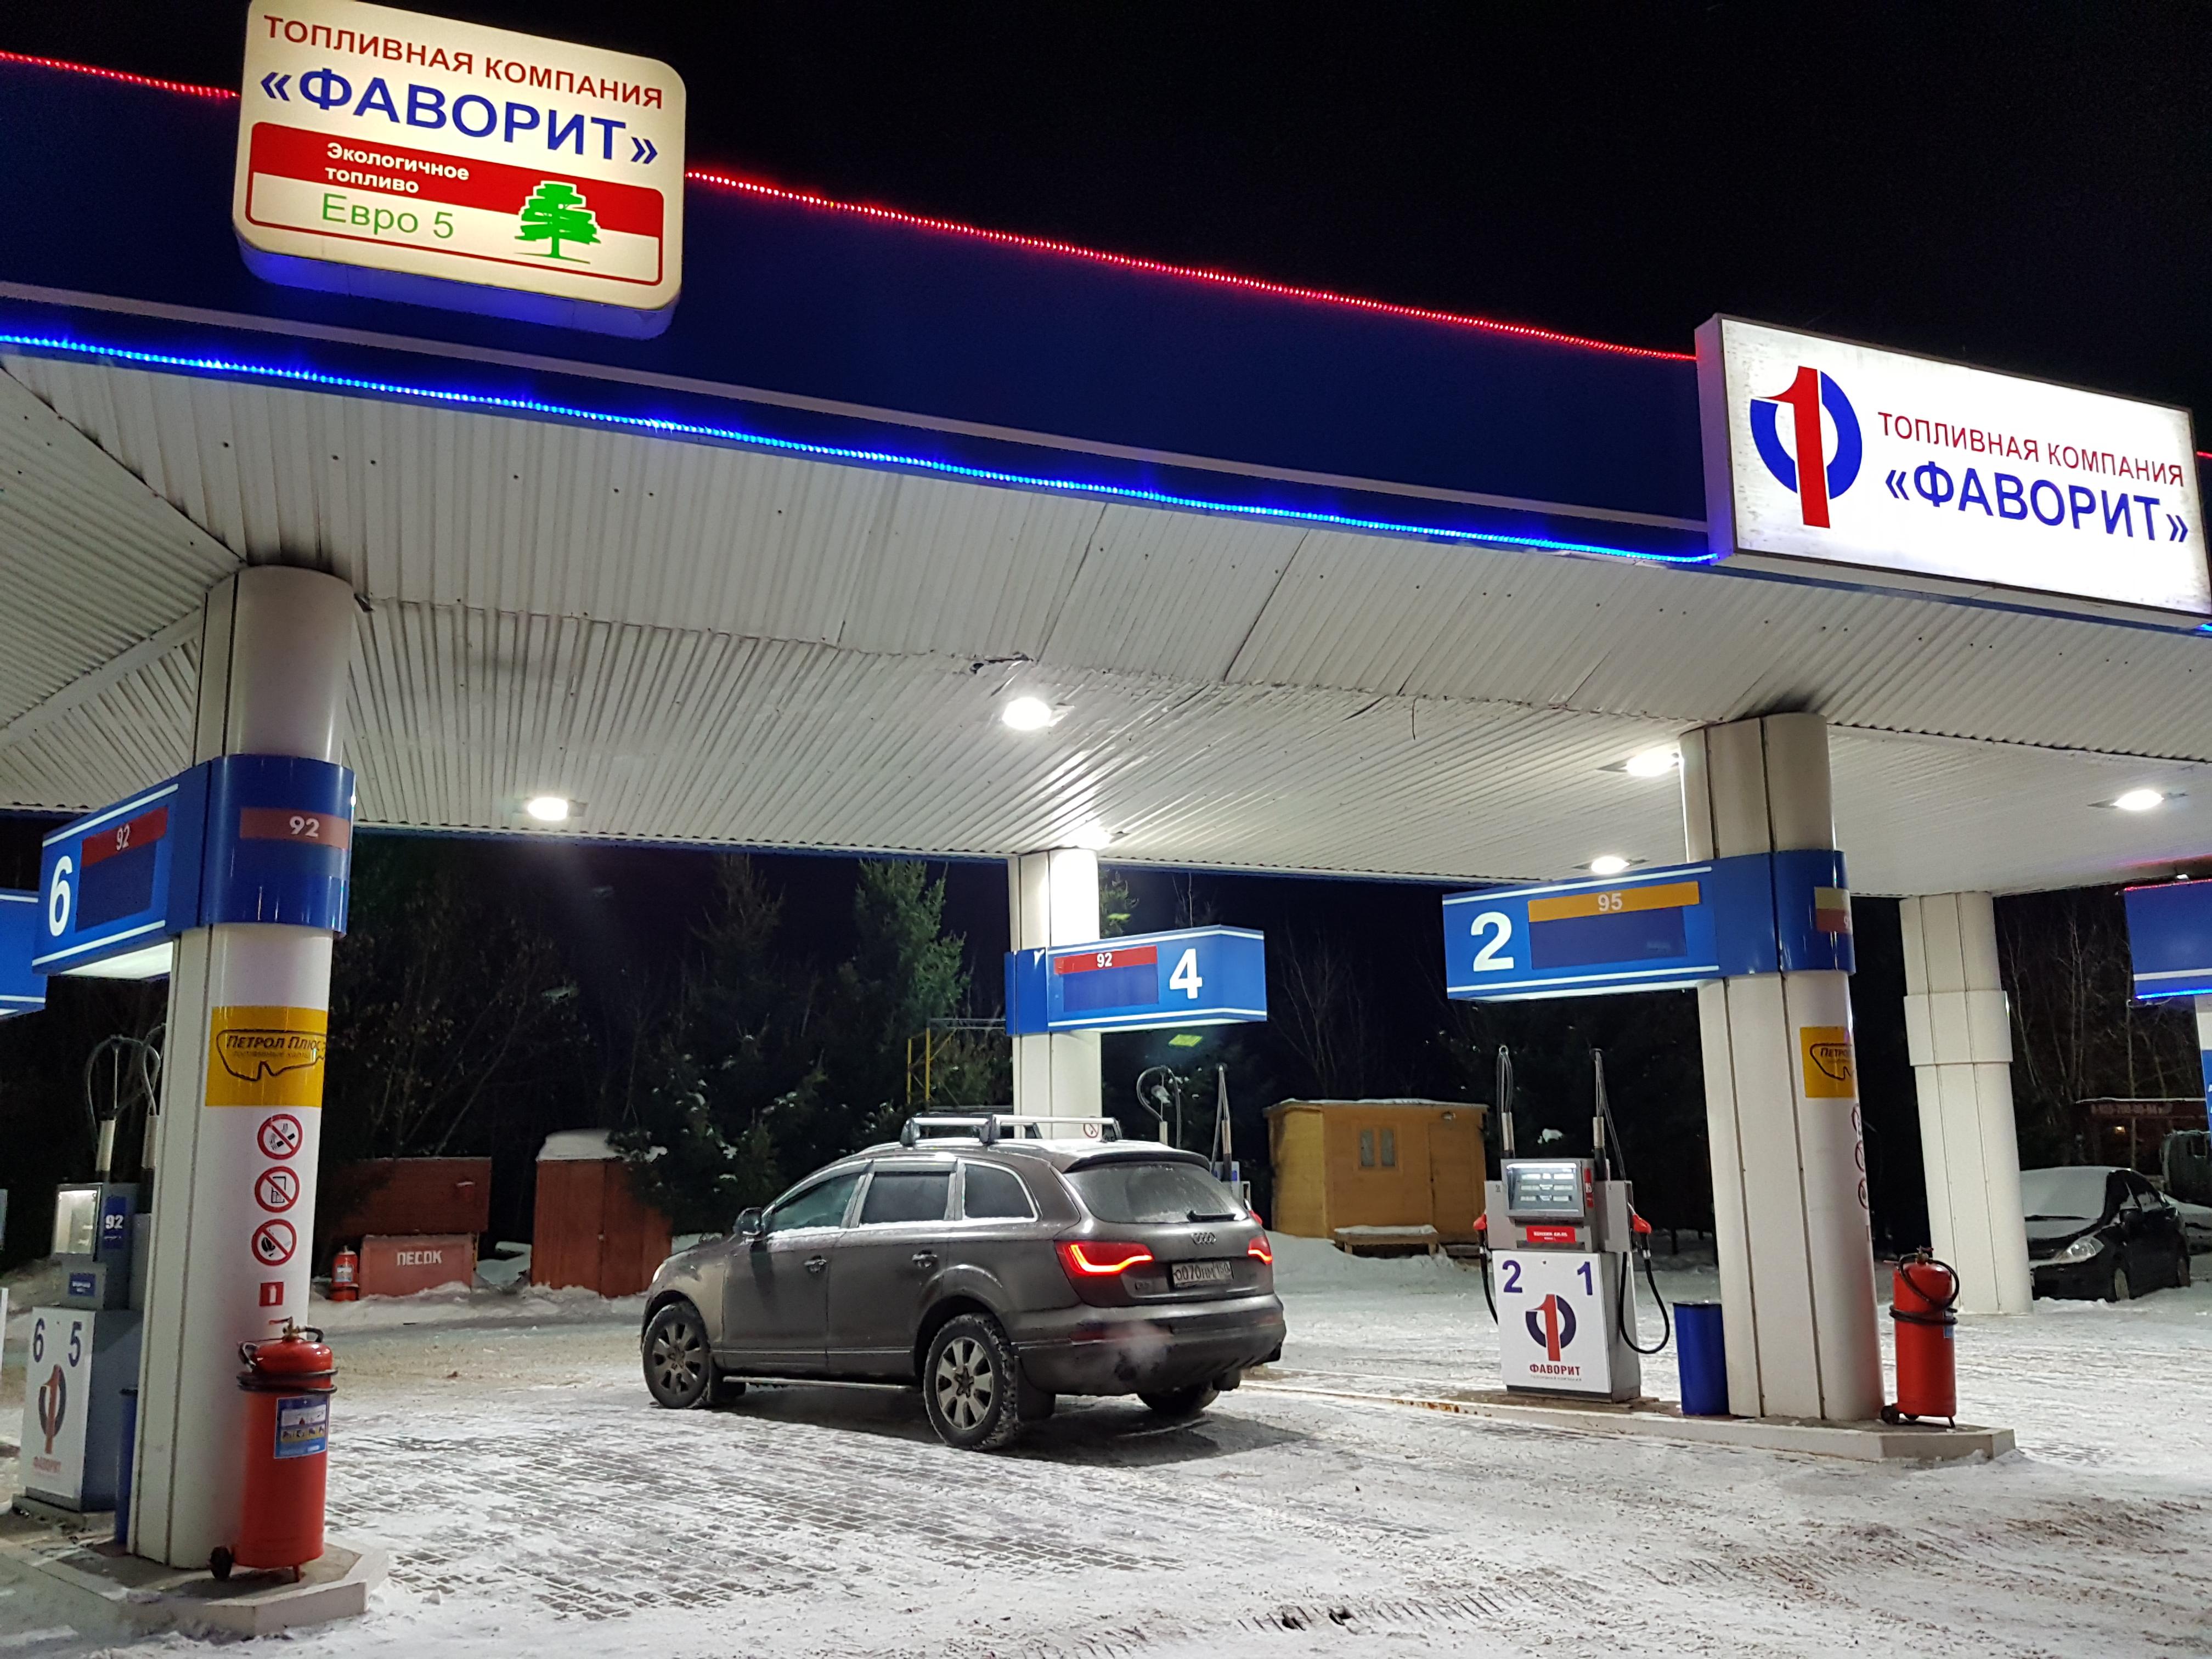 АЗС в г. Яхрома